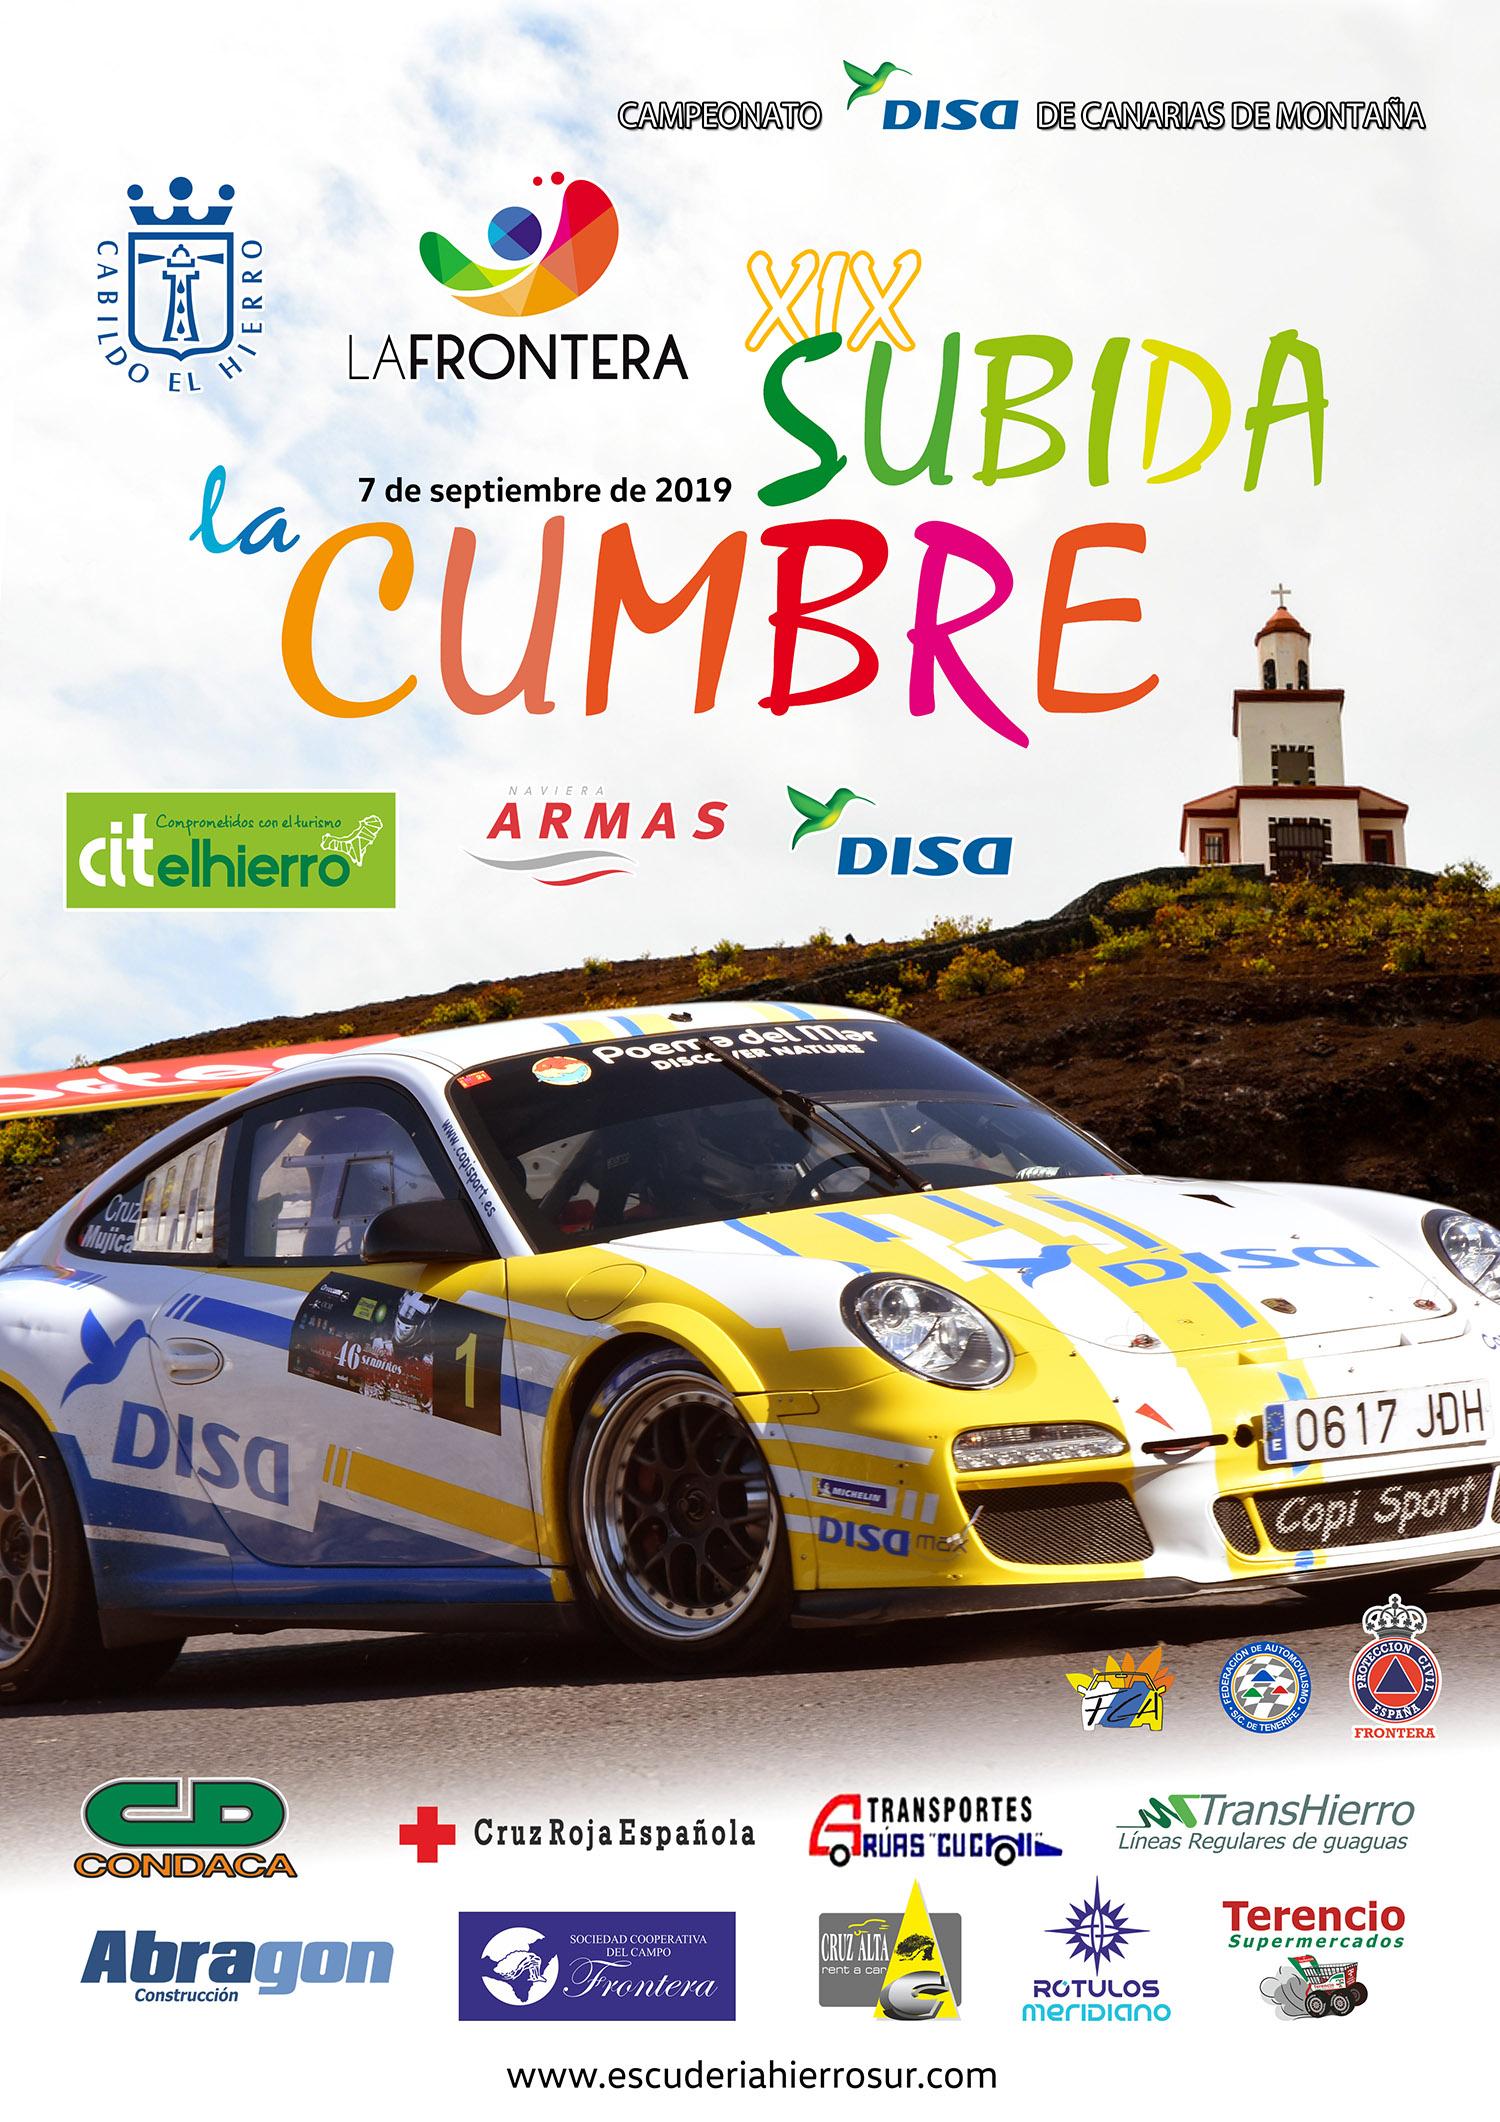 Campeonatos de Montaña Nacionales e Internacionales (FIA European Hillclimb, Berg Cup, MSA British Hillclimb, CIVM...) - Página 30 Cartel_cumbre_19_web